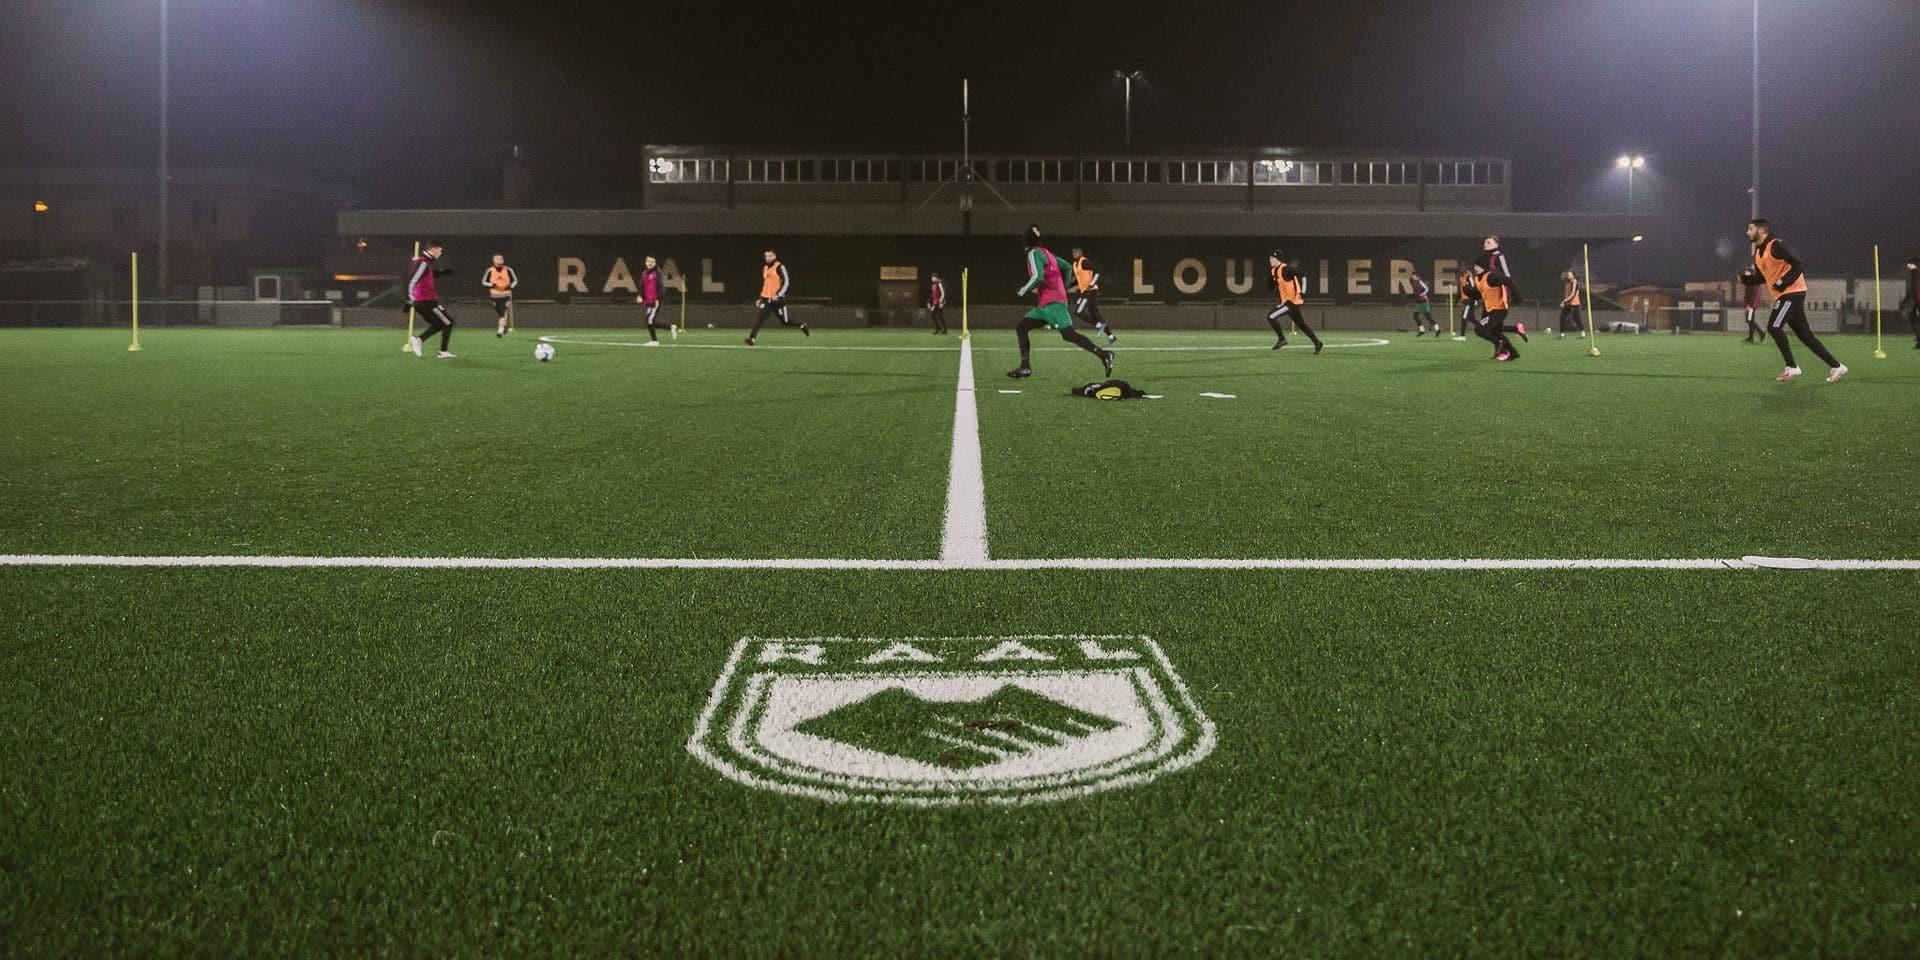 """La RAAL rêve d'un nouveau stade: """"C'est une vraie opportunité pour la ville, pour la région du Centre"""""""